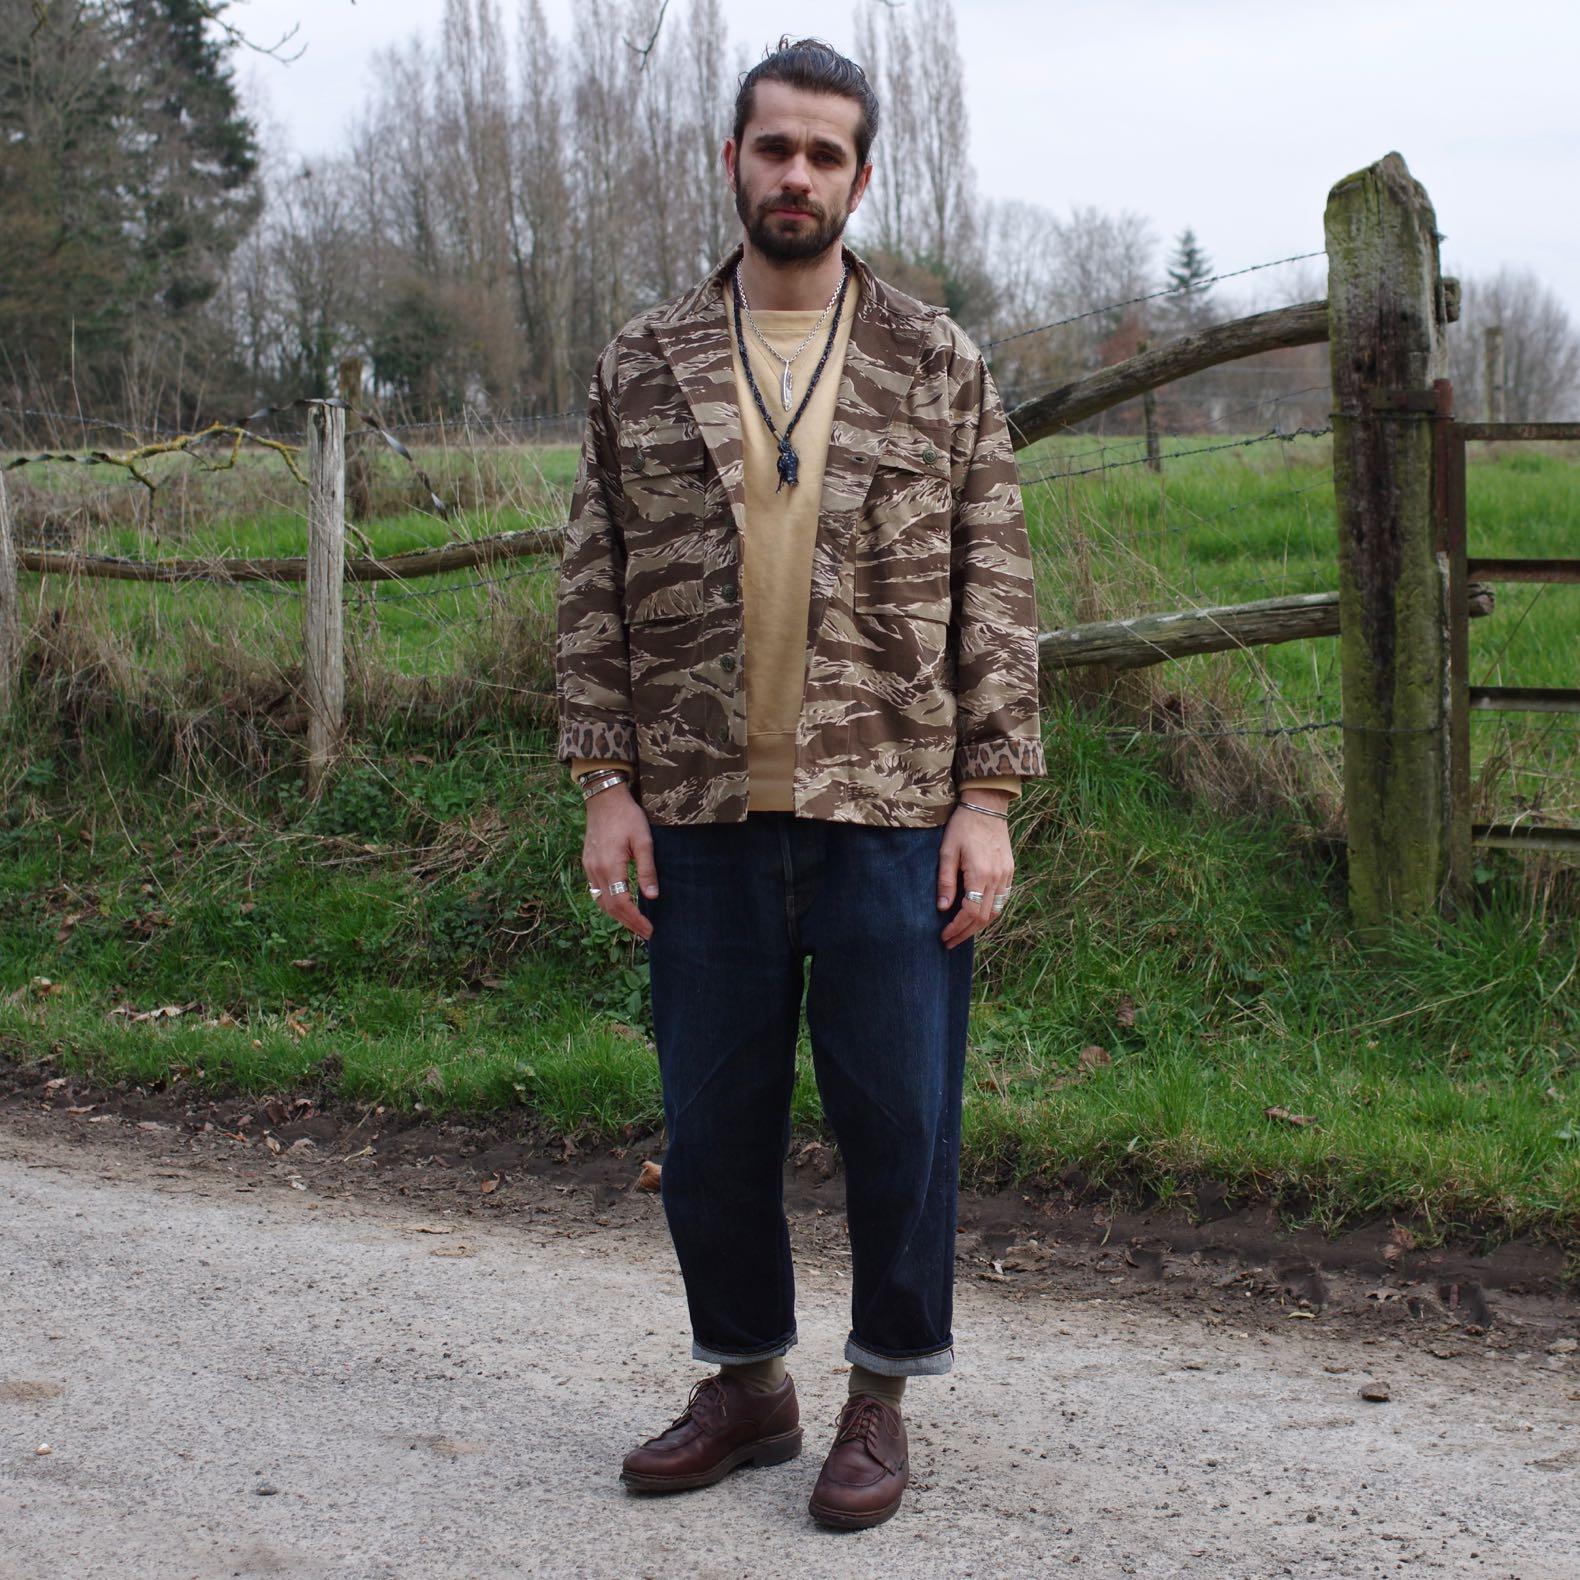 une tenue simple d'homme pour porter des motifs camo ou camouflage de chemise militaire dans la vie de tous les jours.